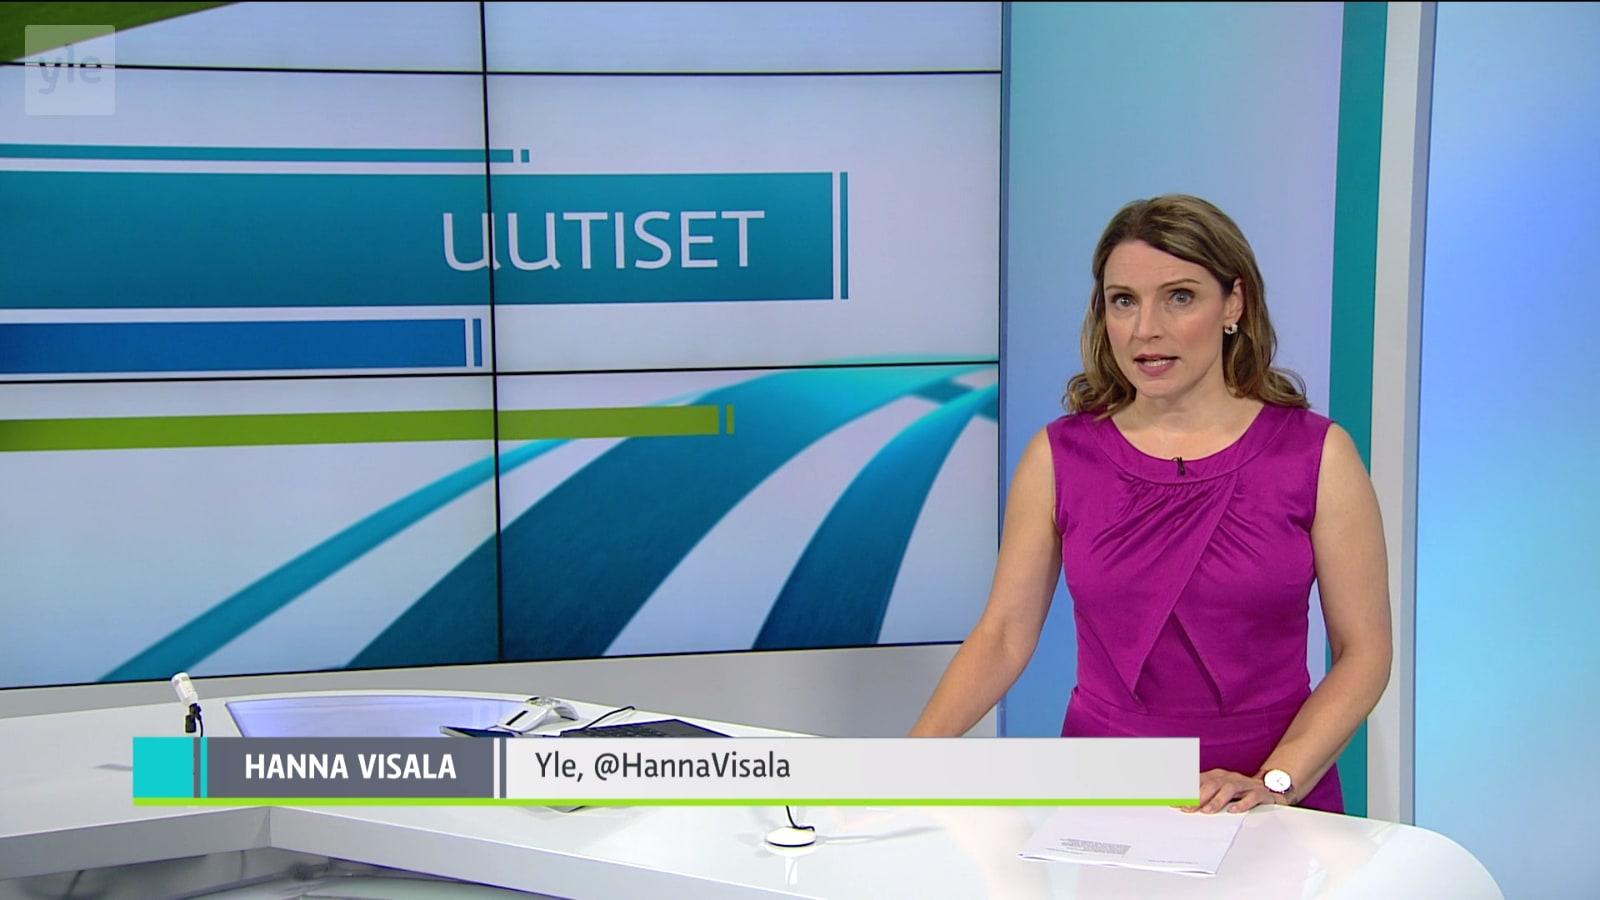 Yle Uutiser